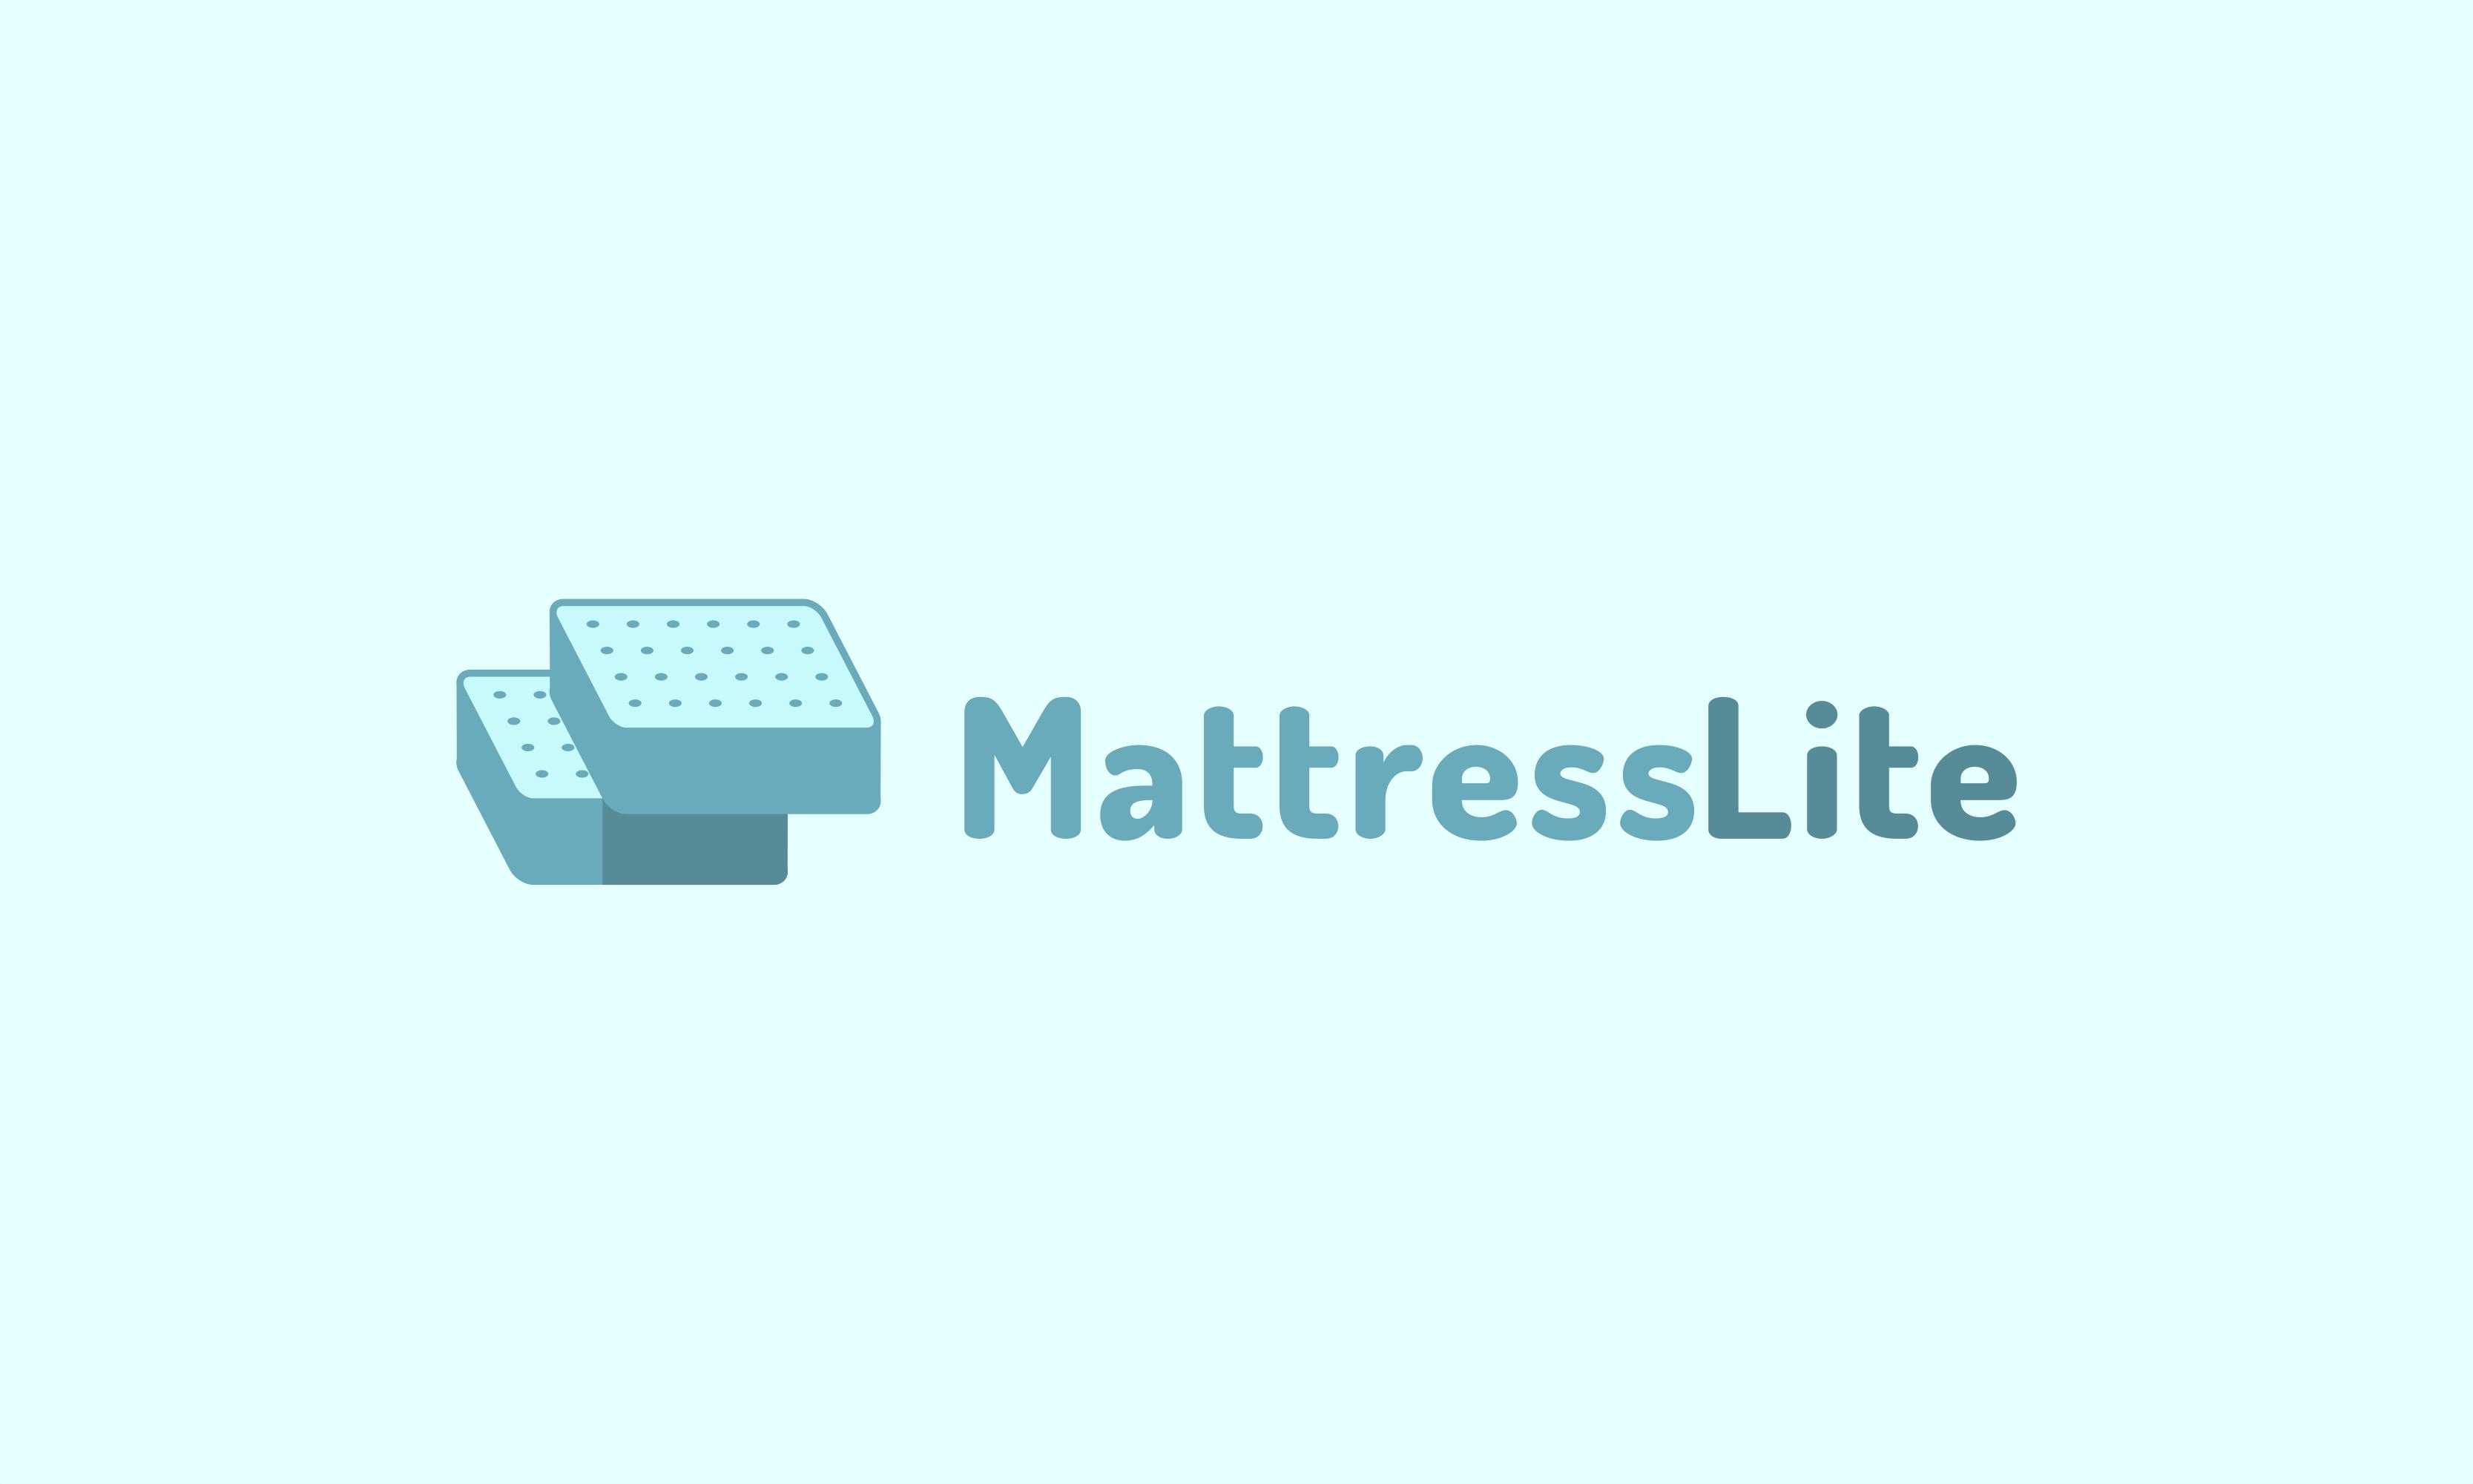 Mattresslite